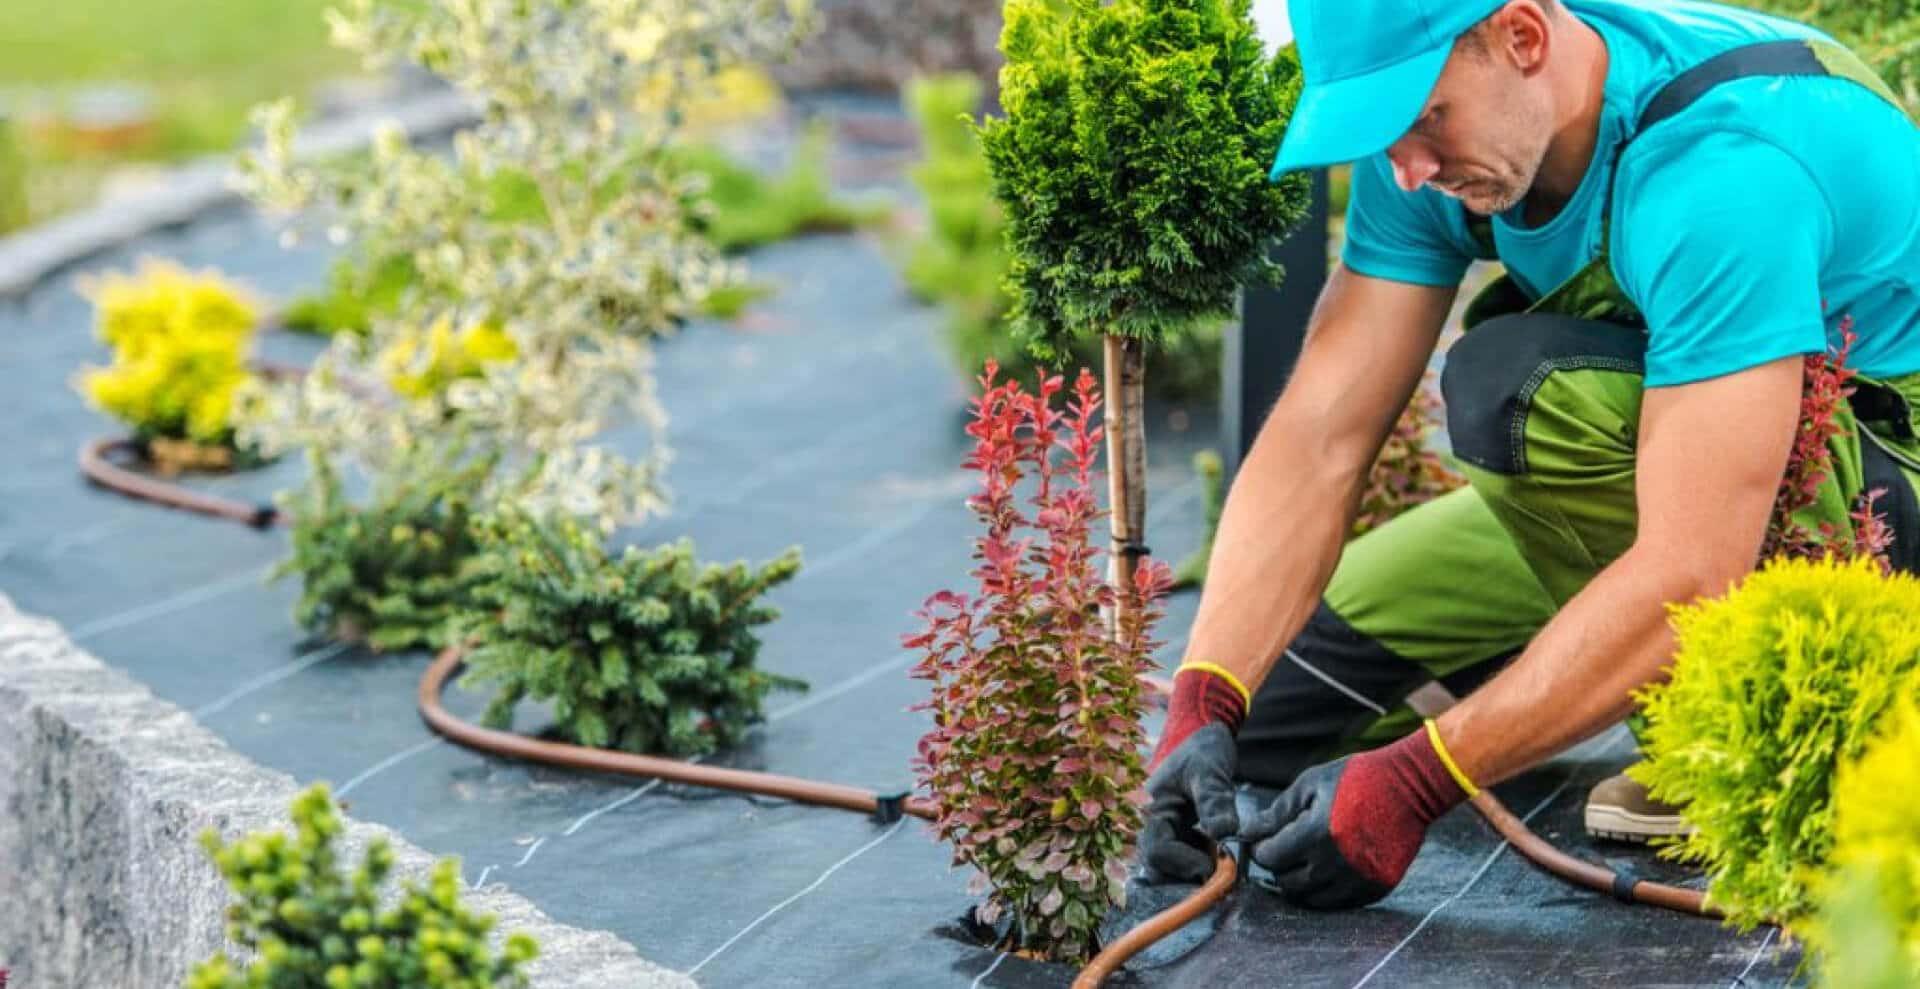 garden-care